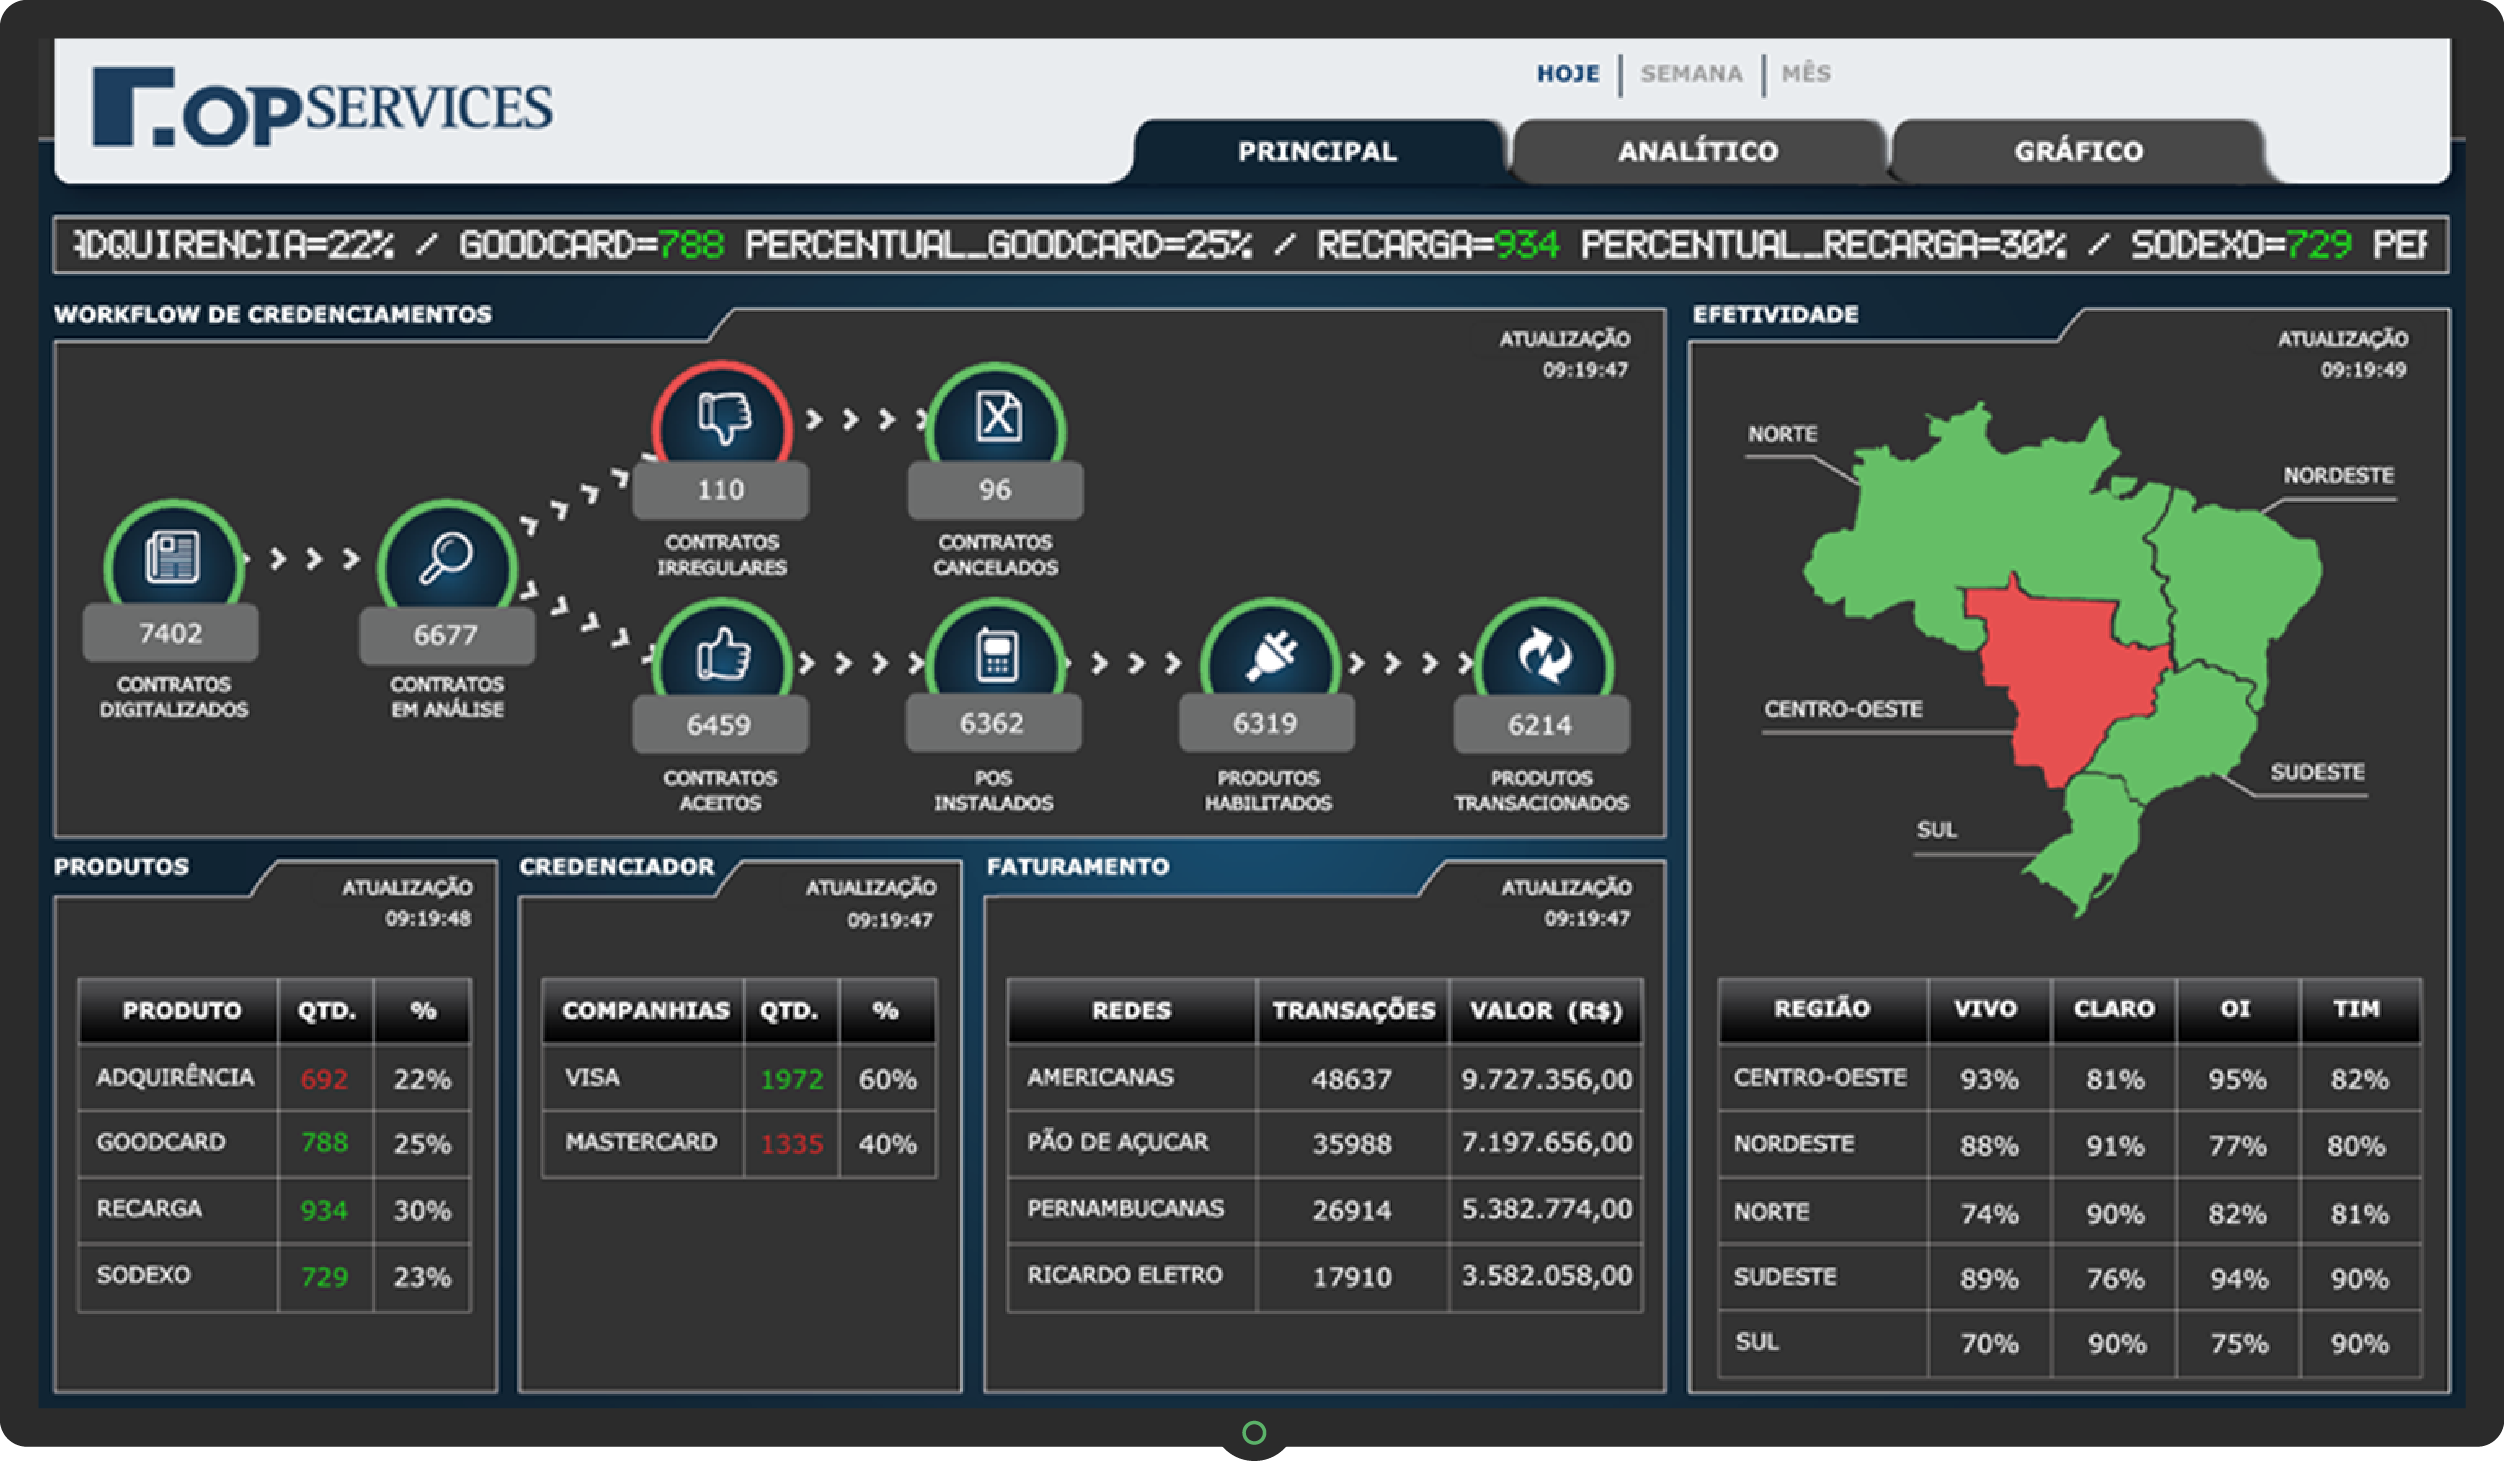 Dashboard de Processo de Negócio Financeiro